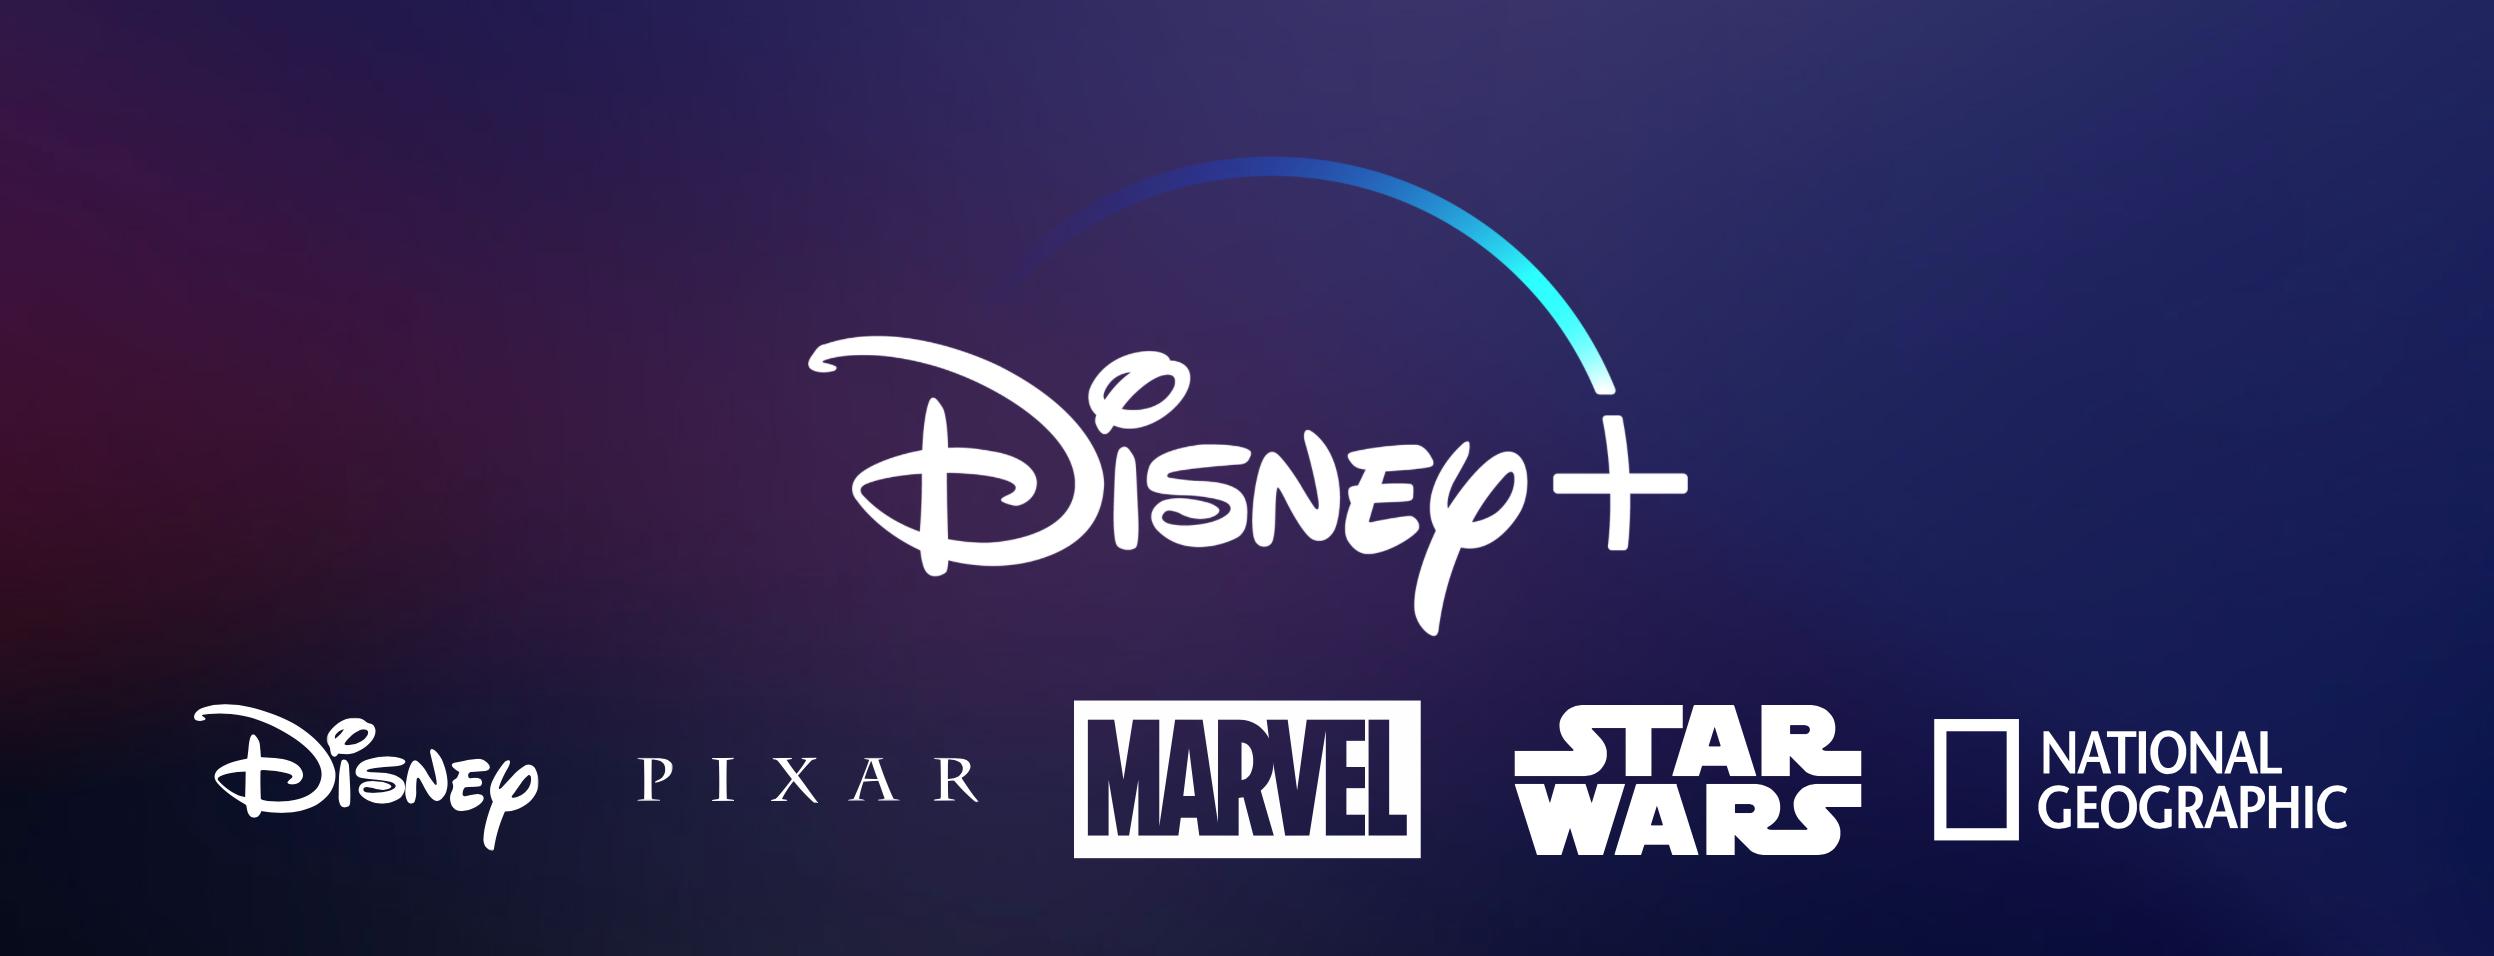 米ディズニー、月額6.99ドルの定額動画サービス「Disney+」を11月から開始